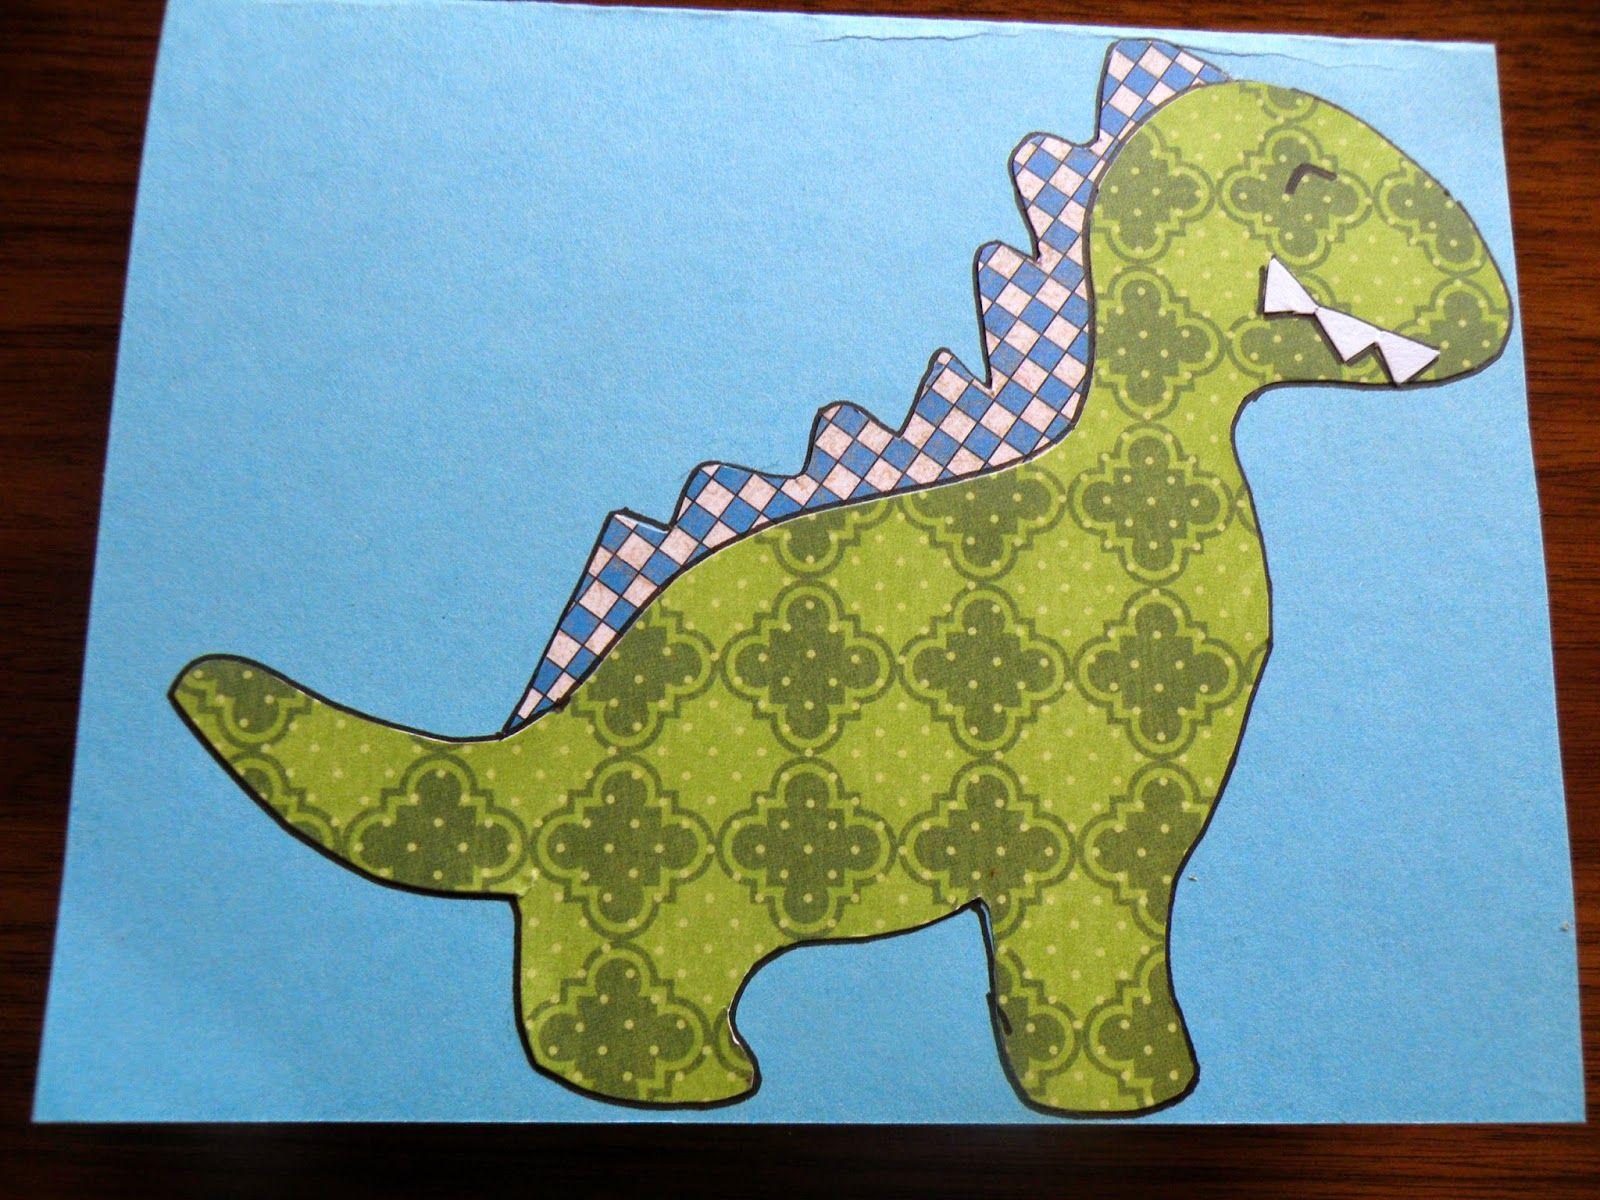 Castaliaz - hirmulisko kortit / Dinosaur cards